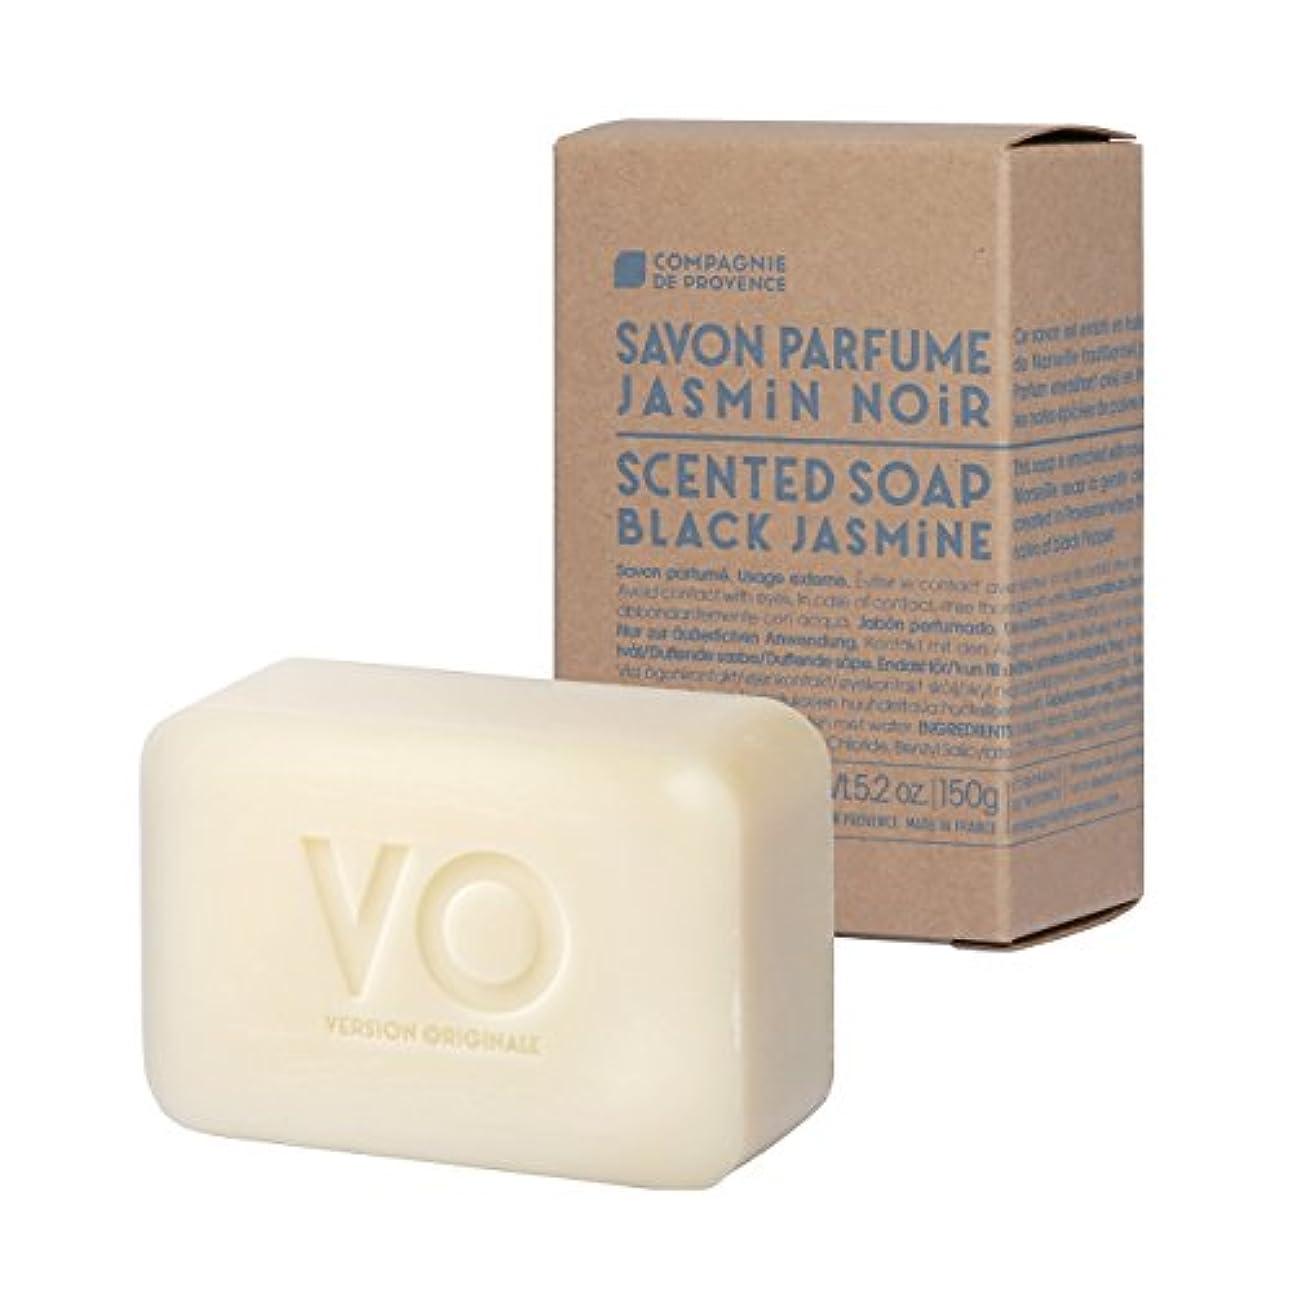 協力的デンマーク語一月カンパニードプロバンス バージョンオリジナル センティッドソープ ブラックジャスミン(すっきりとした中にも甘さがある香り) 150g